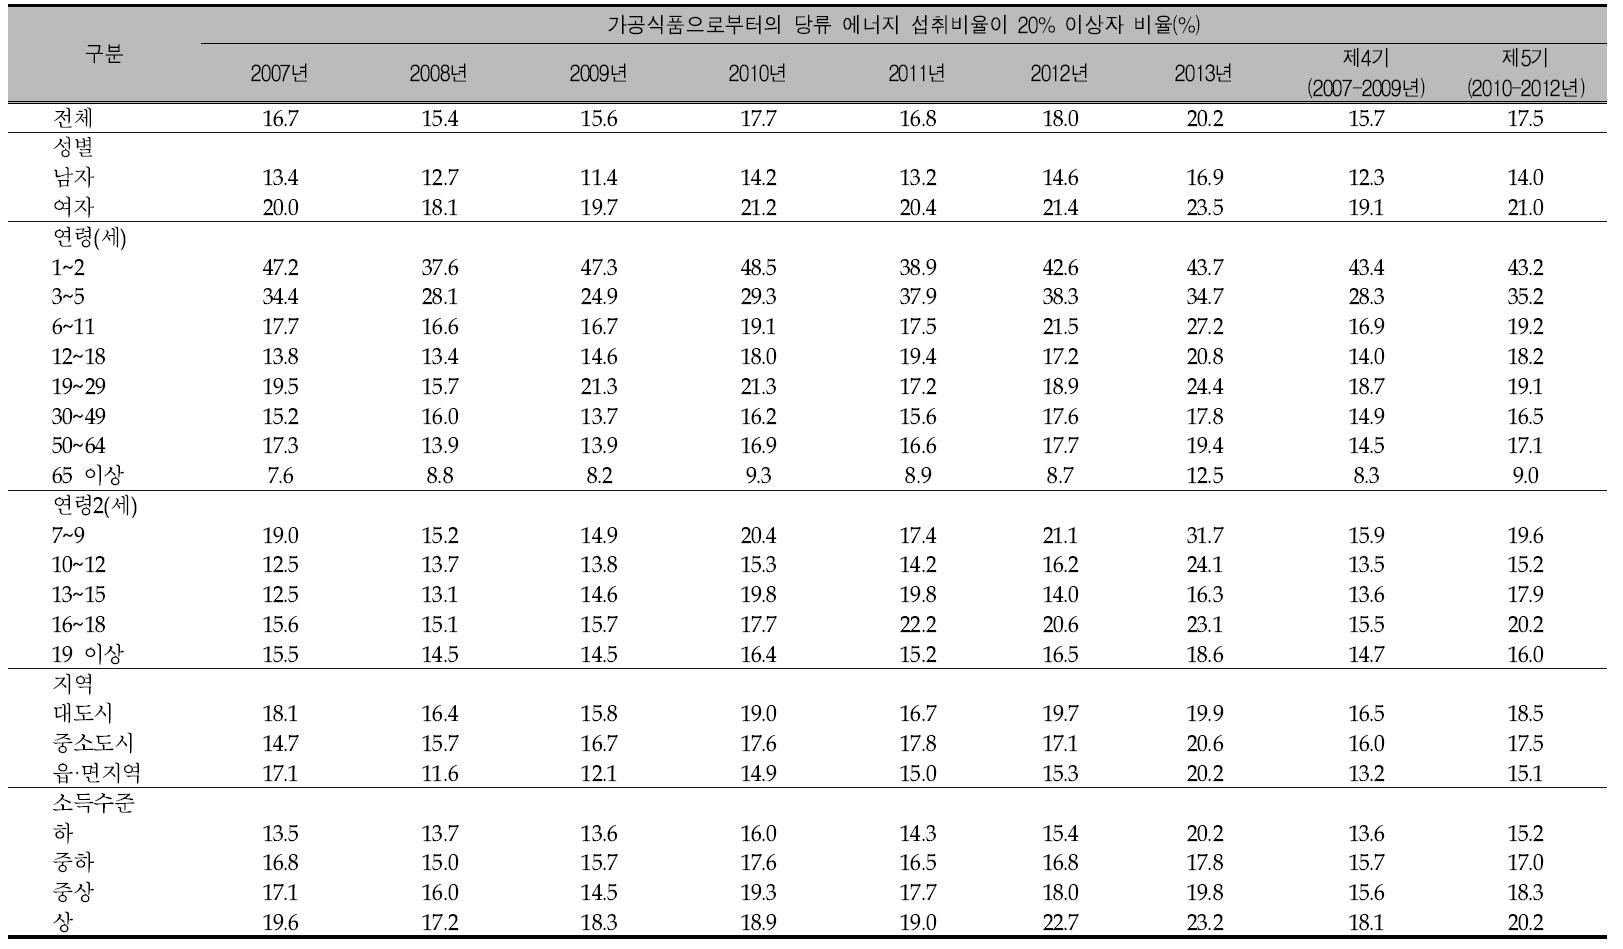 연도별 우리 국민의 1인1일 평균 가공식품으로부터의 당류 에너지 섭취비율이 20% 이상자 비율: 국민건강영양조사 2007-2013년, 제4기(2007-2009년) 및 제5기(2010년-2012년)